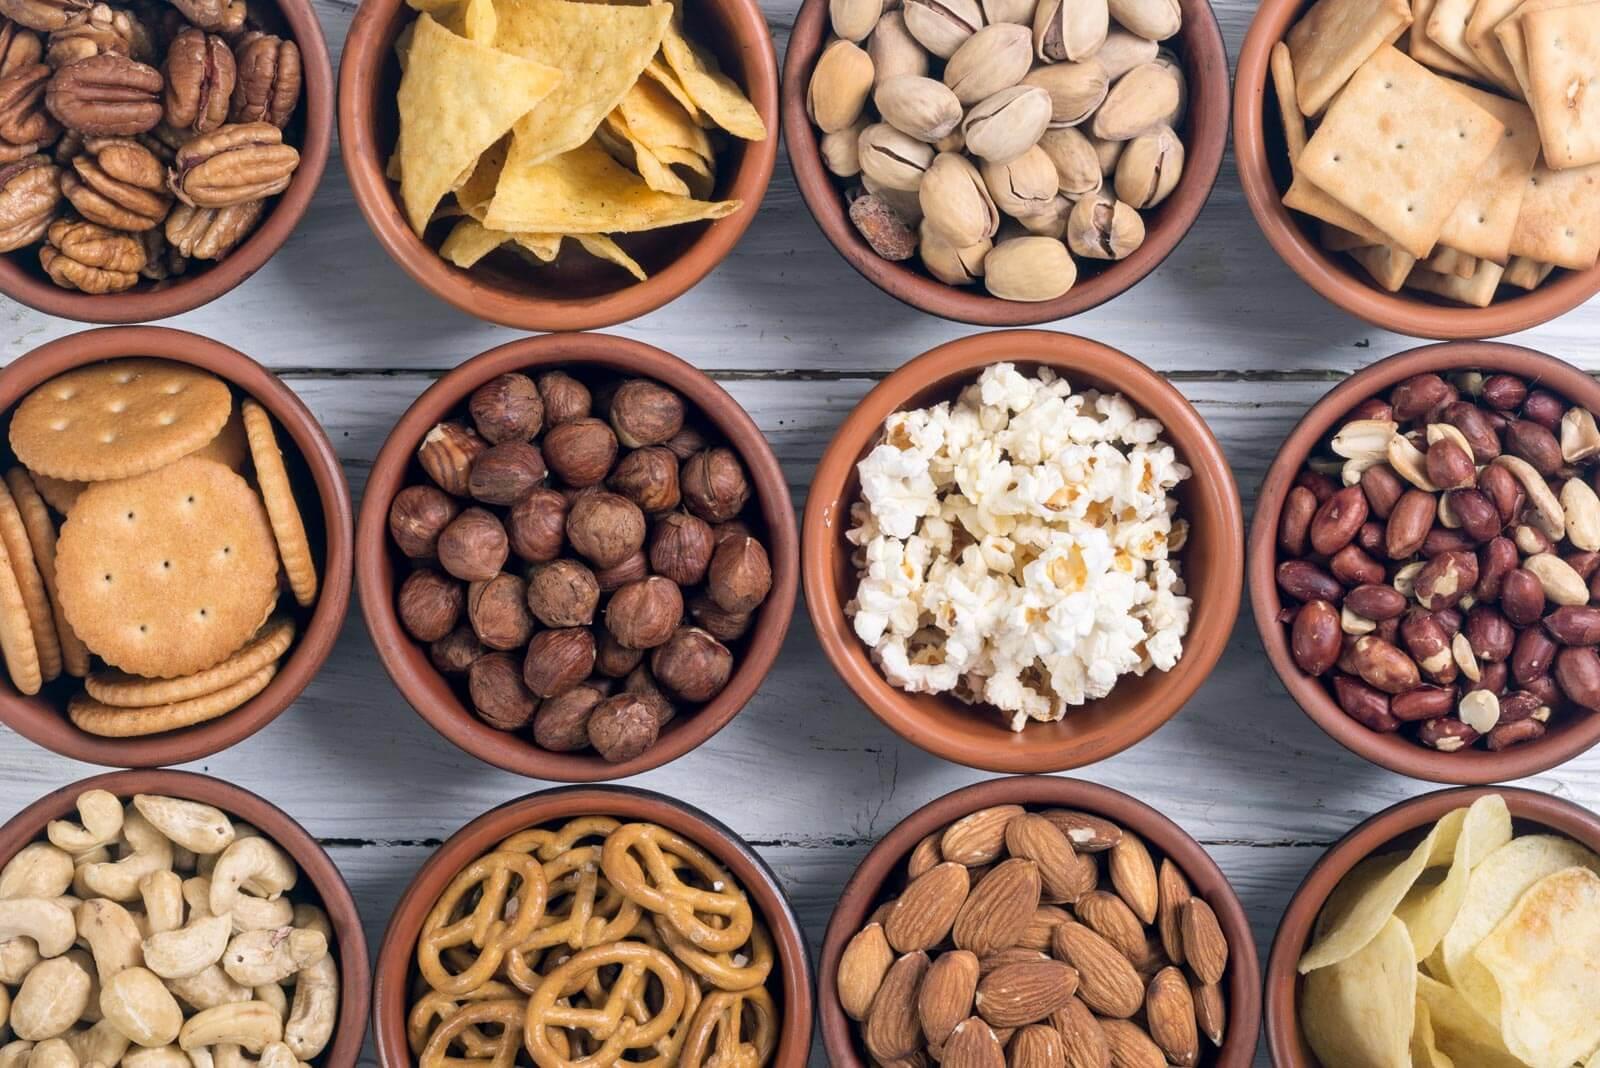 Snacks in Schalen aufgereiht